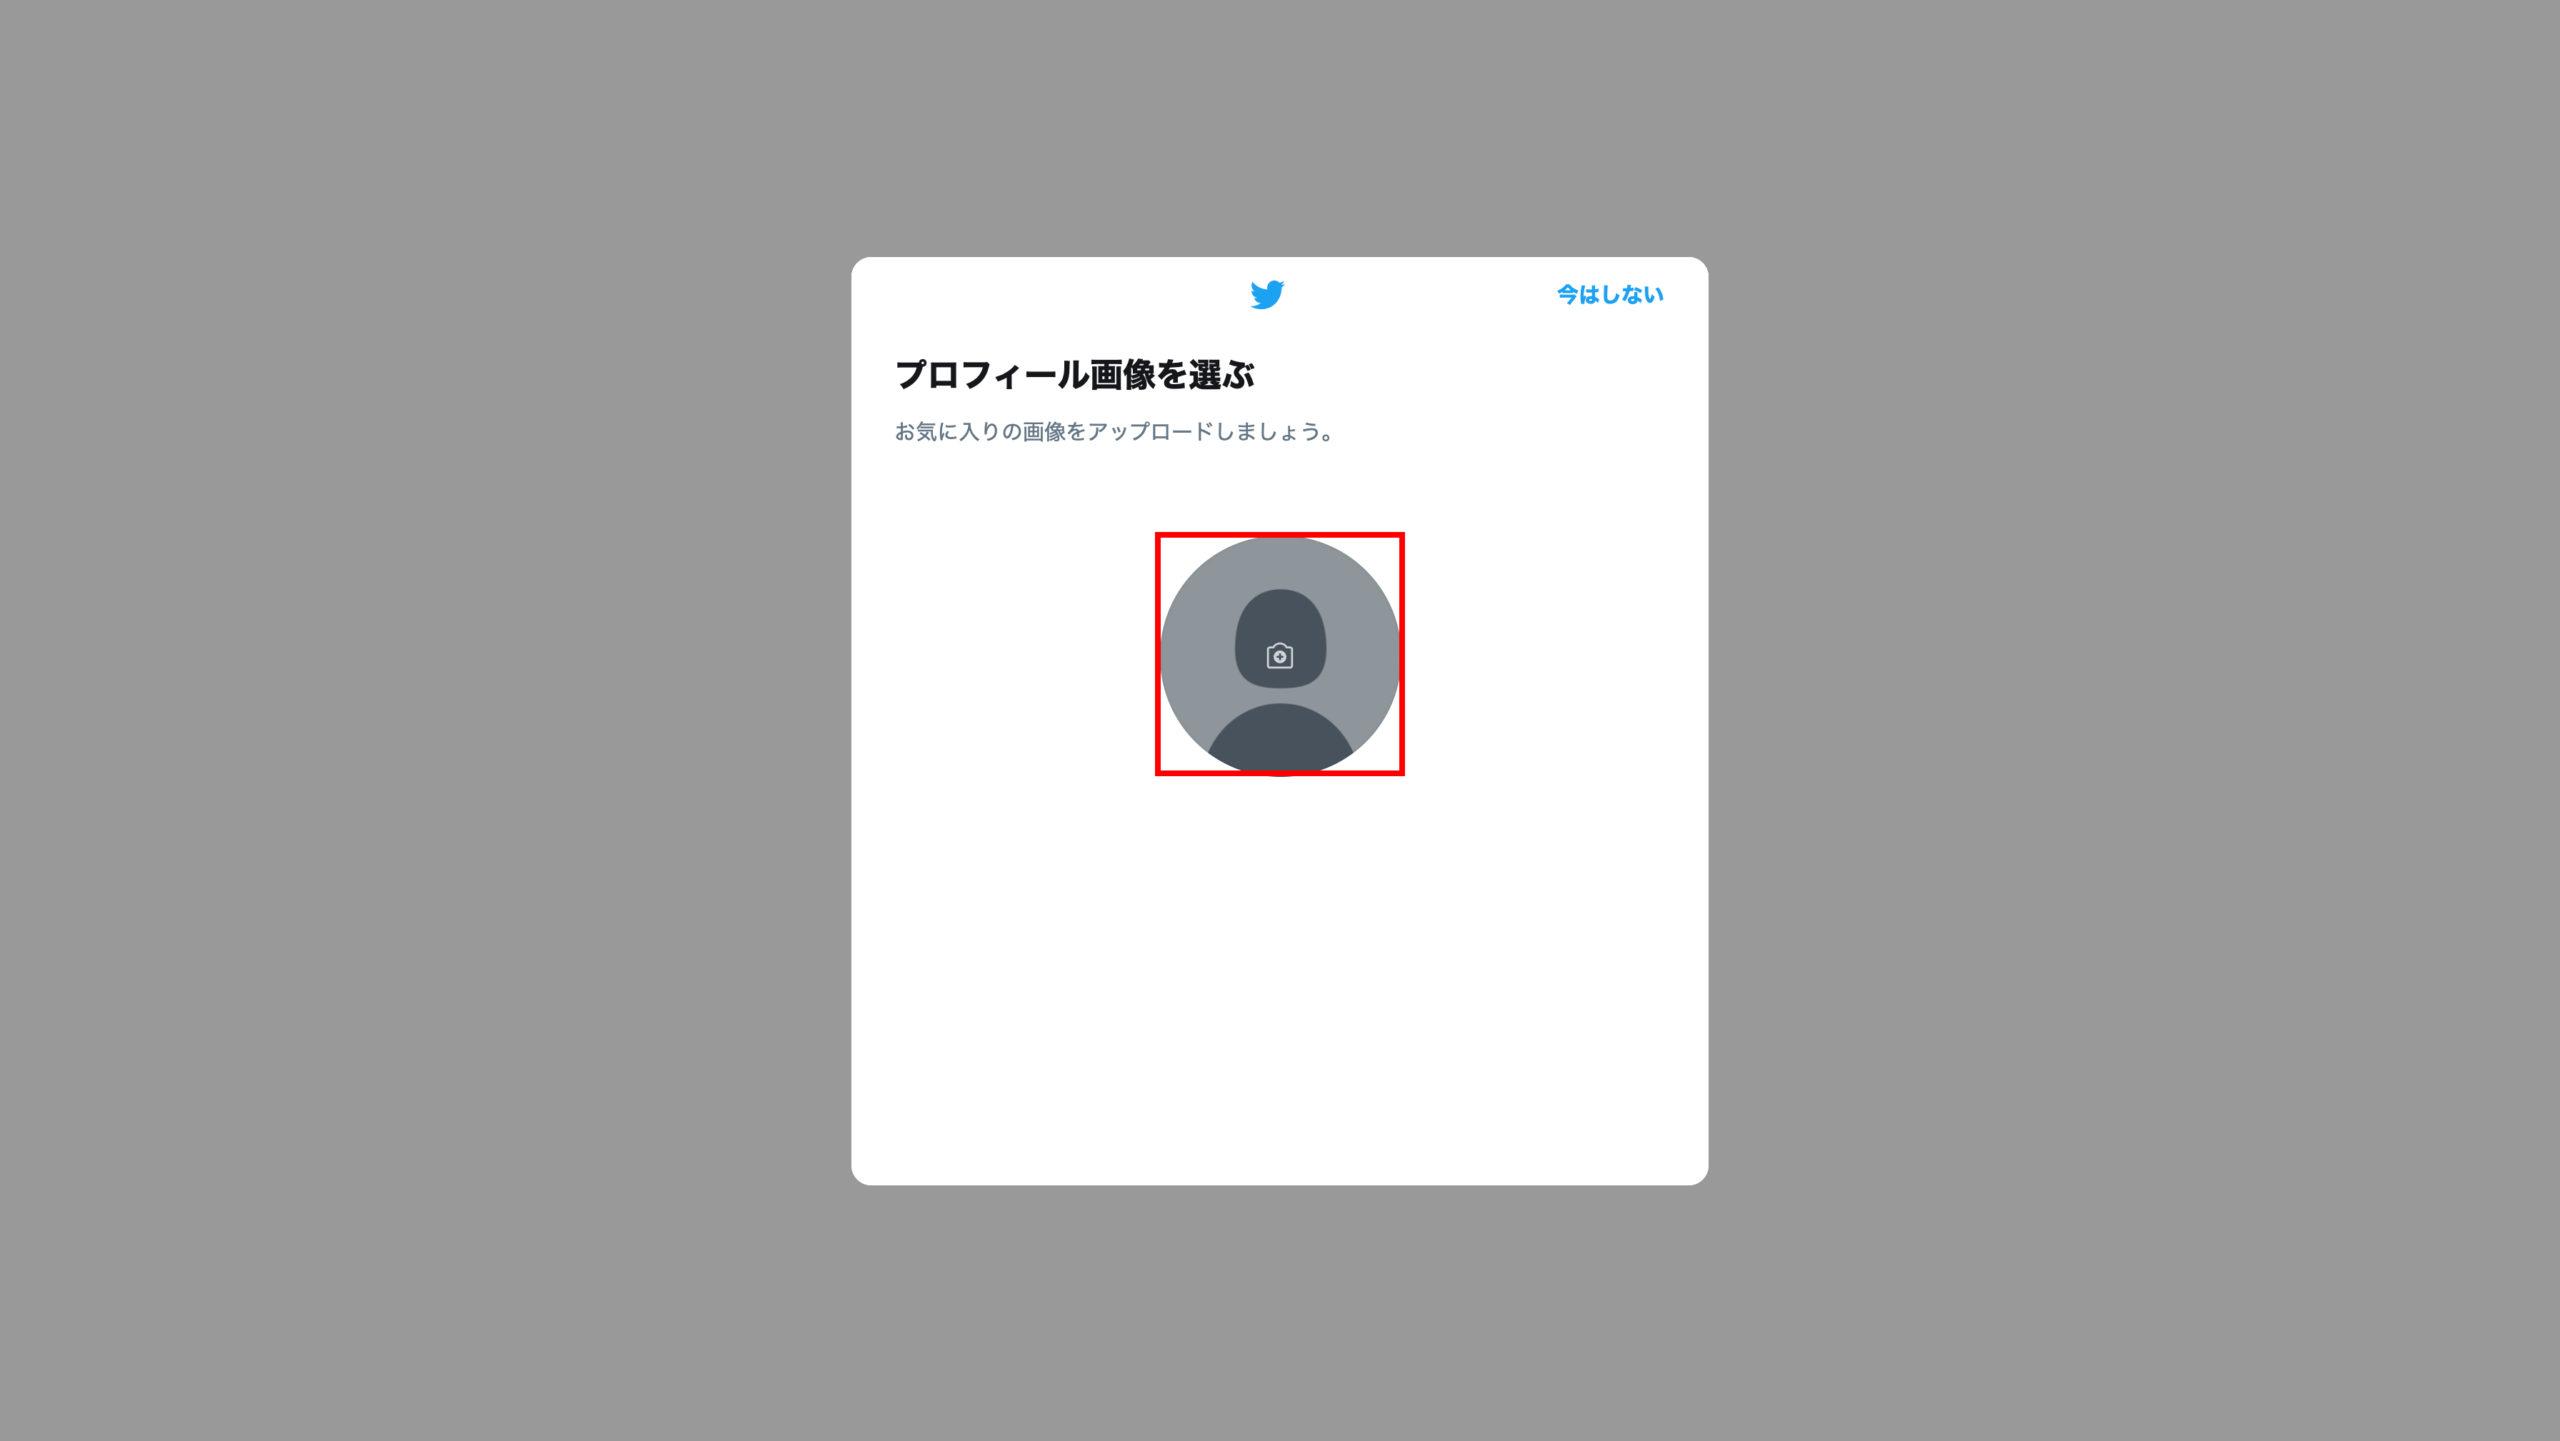 Twitterのプロフィール画像のアップロード